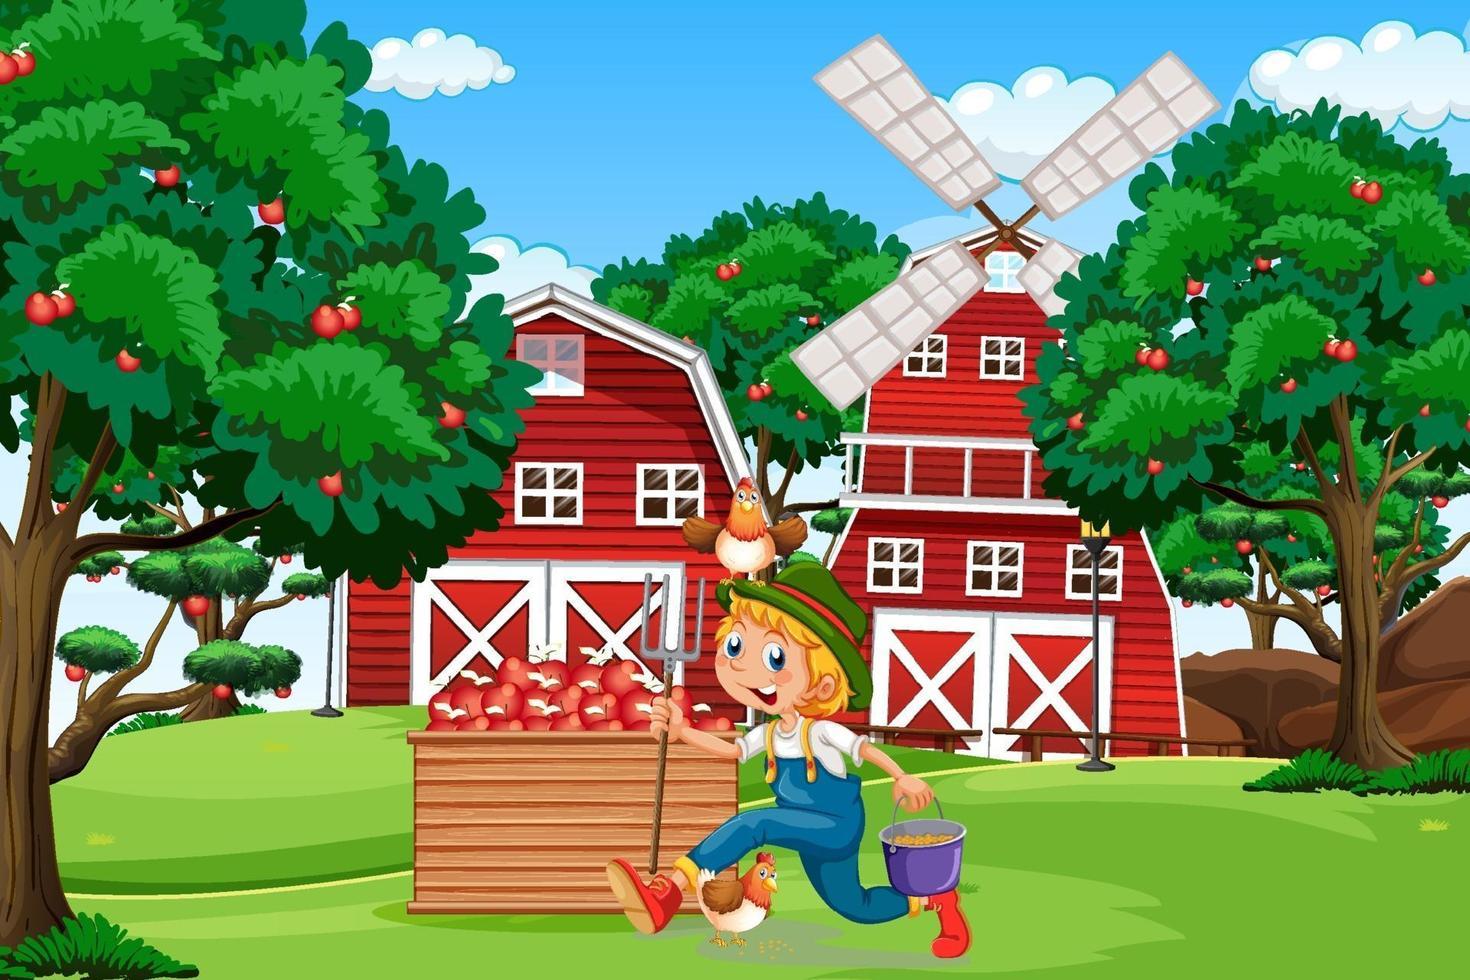 escena de la granja con granero rojo y molino de viento vector